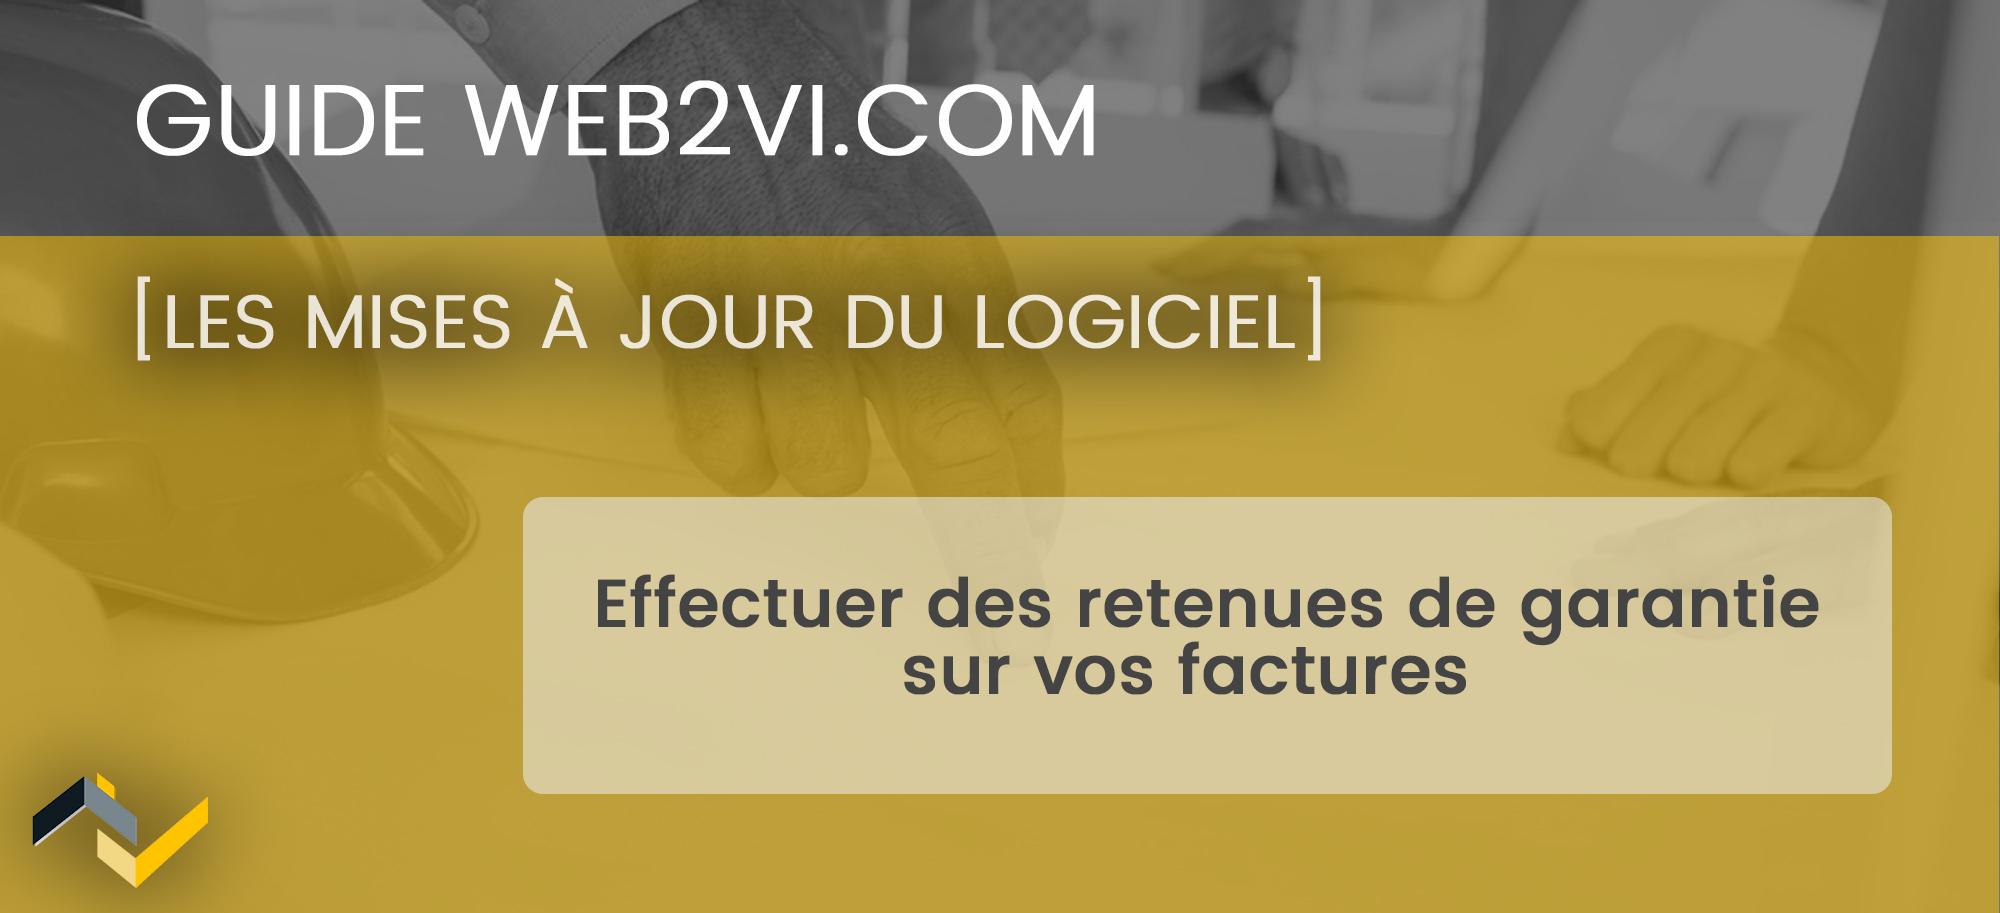 La fonction retenue de garantie sur le logiciel Web2vi